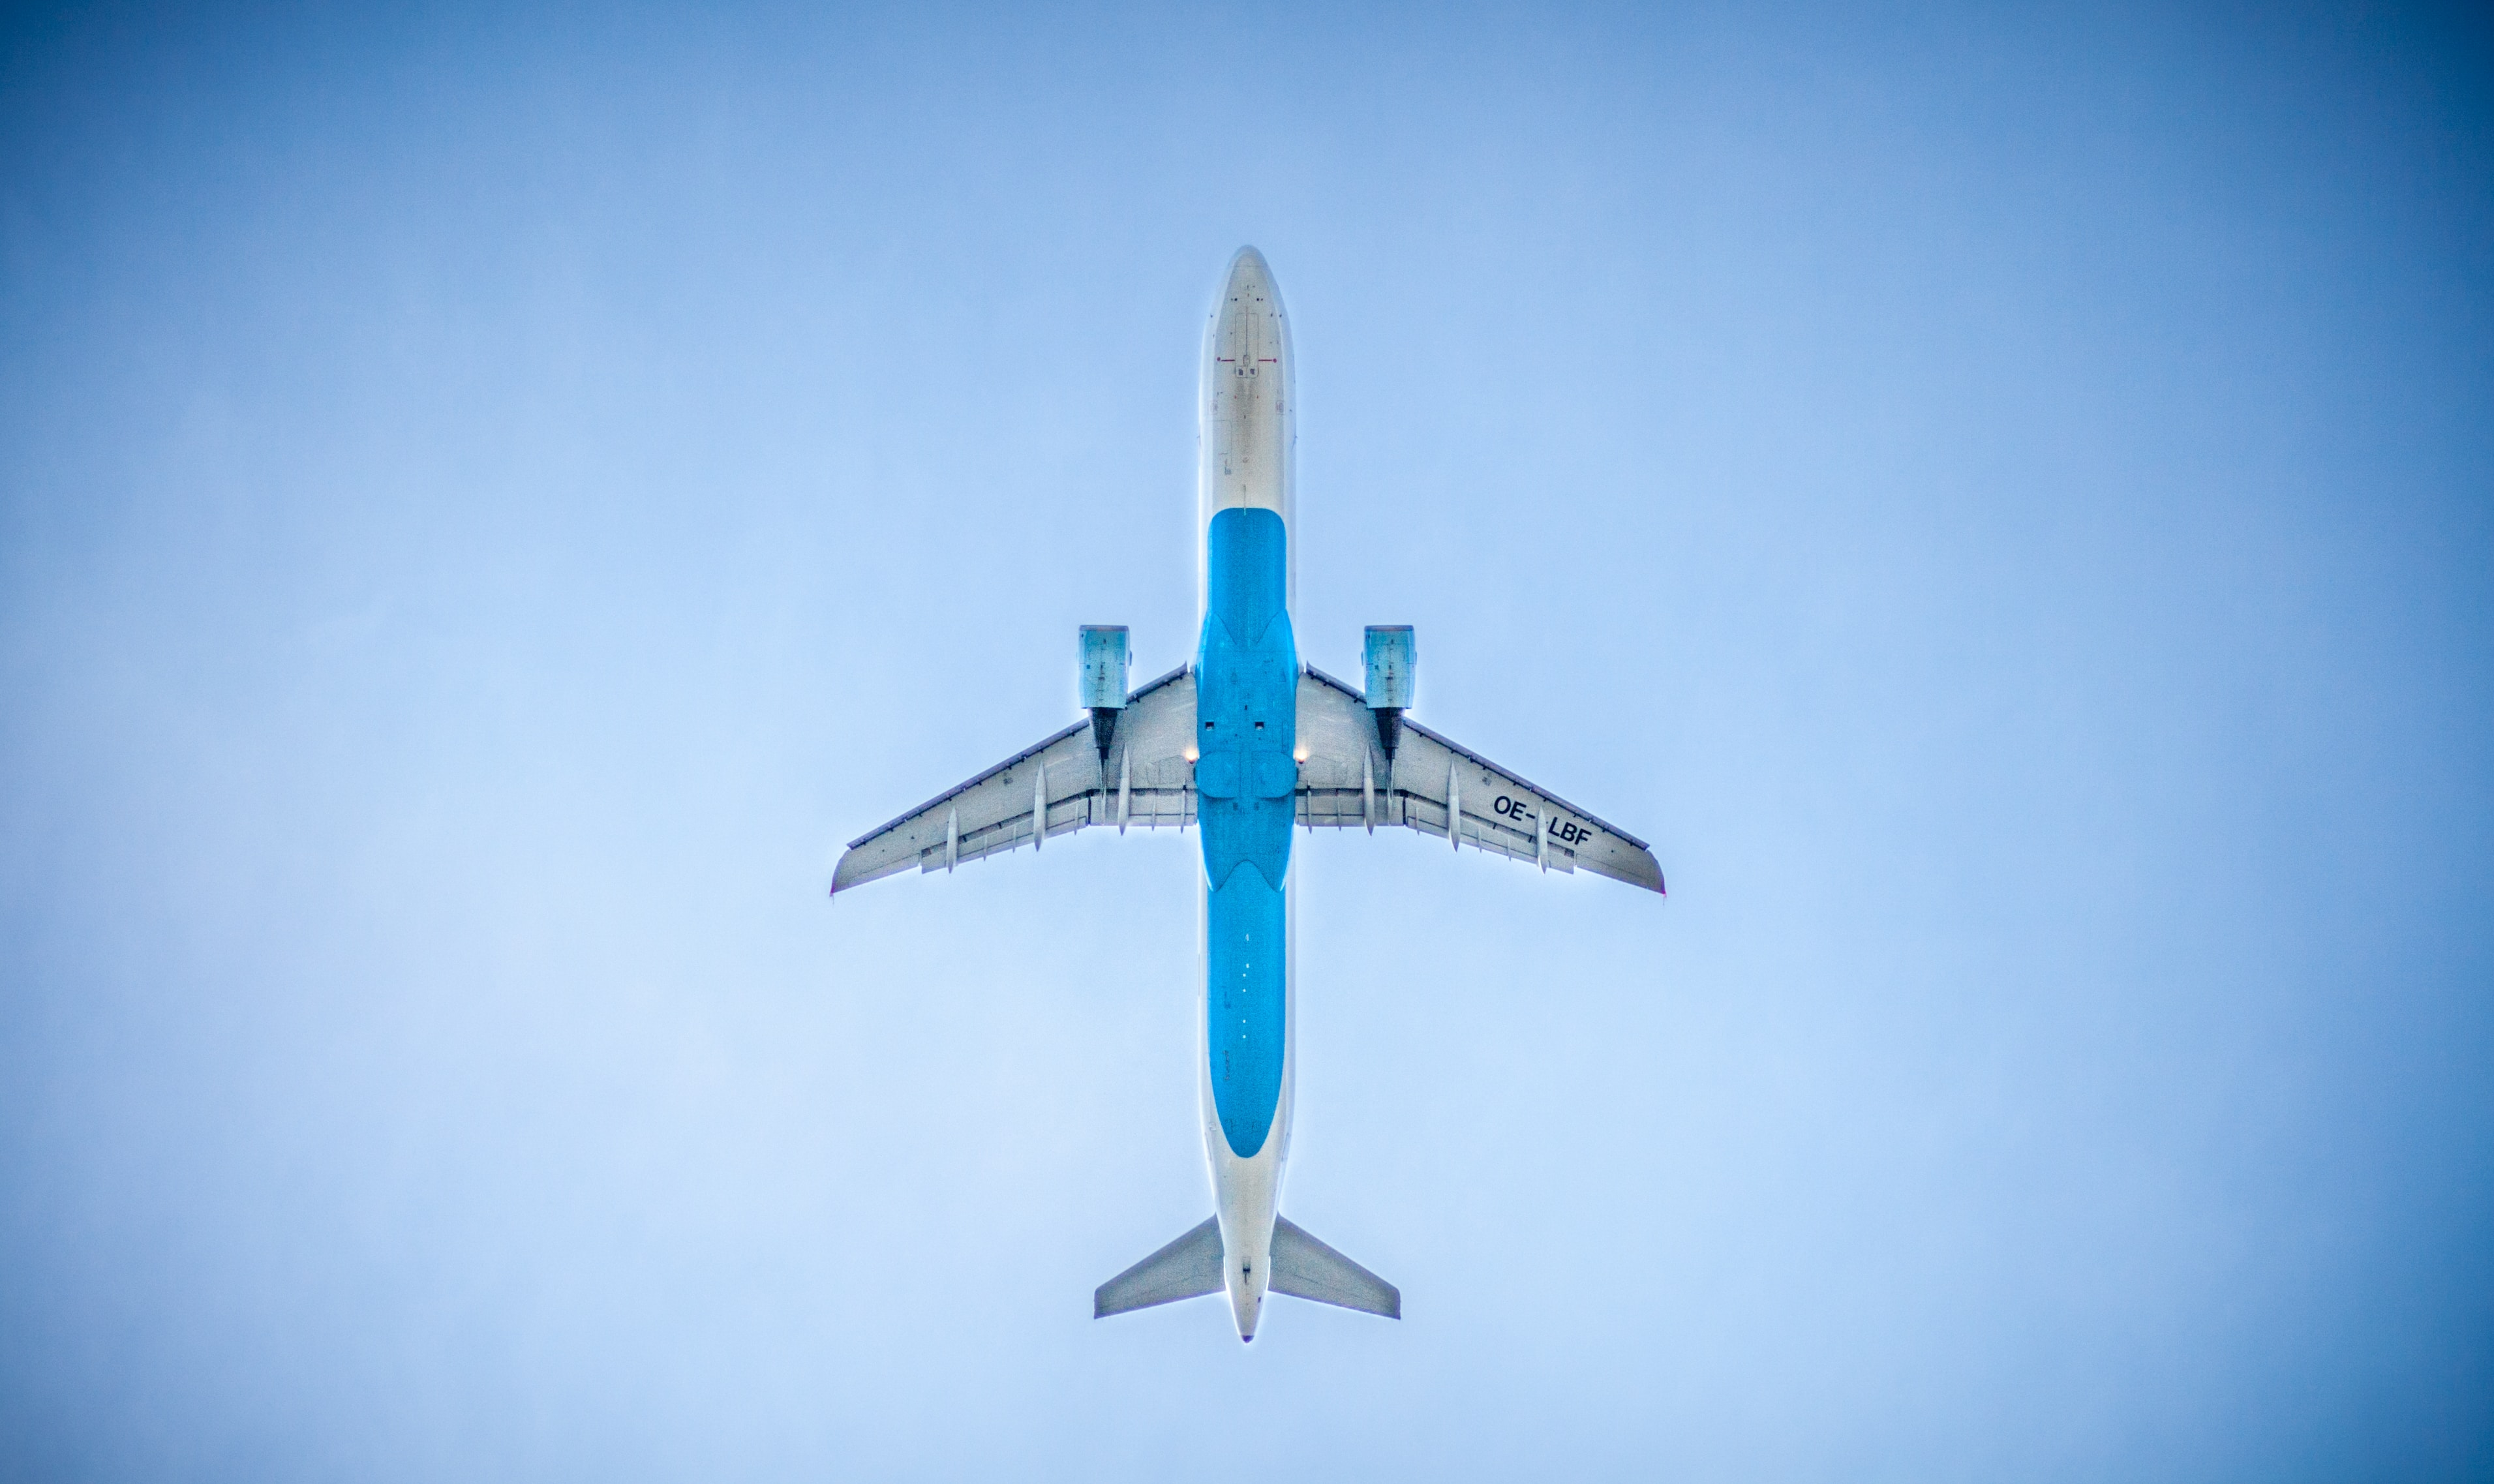 Performance de aeronaves a jato: resolução de perguntas para seleção